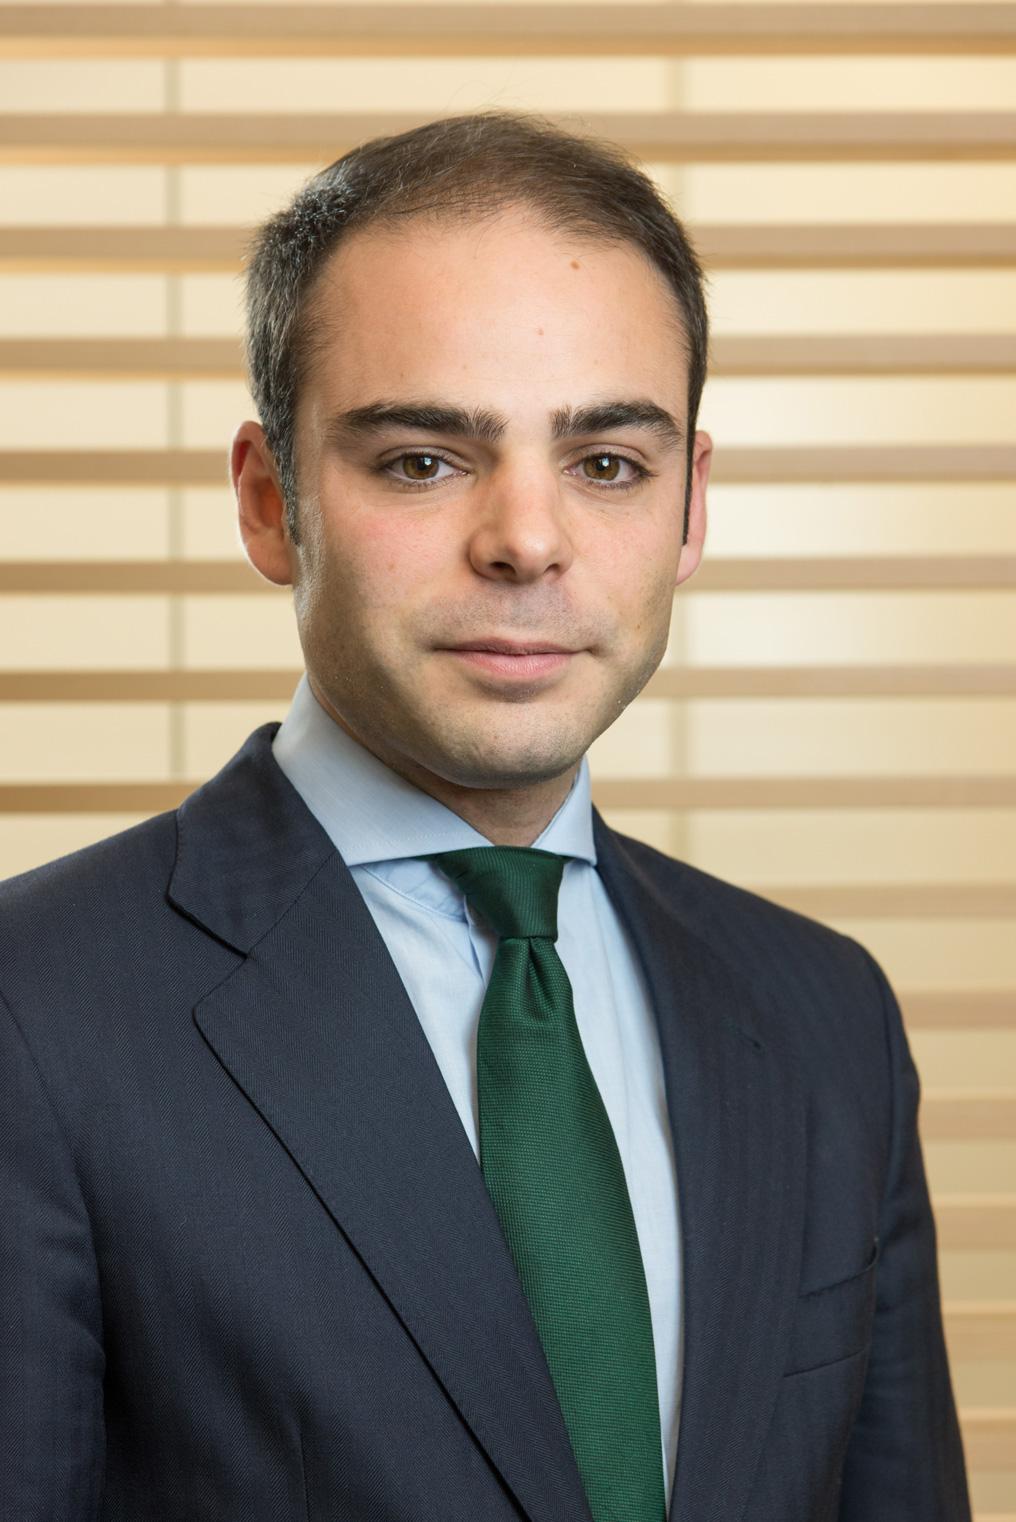 Enrique Sánchez-Rey